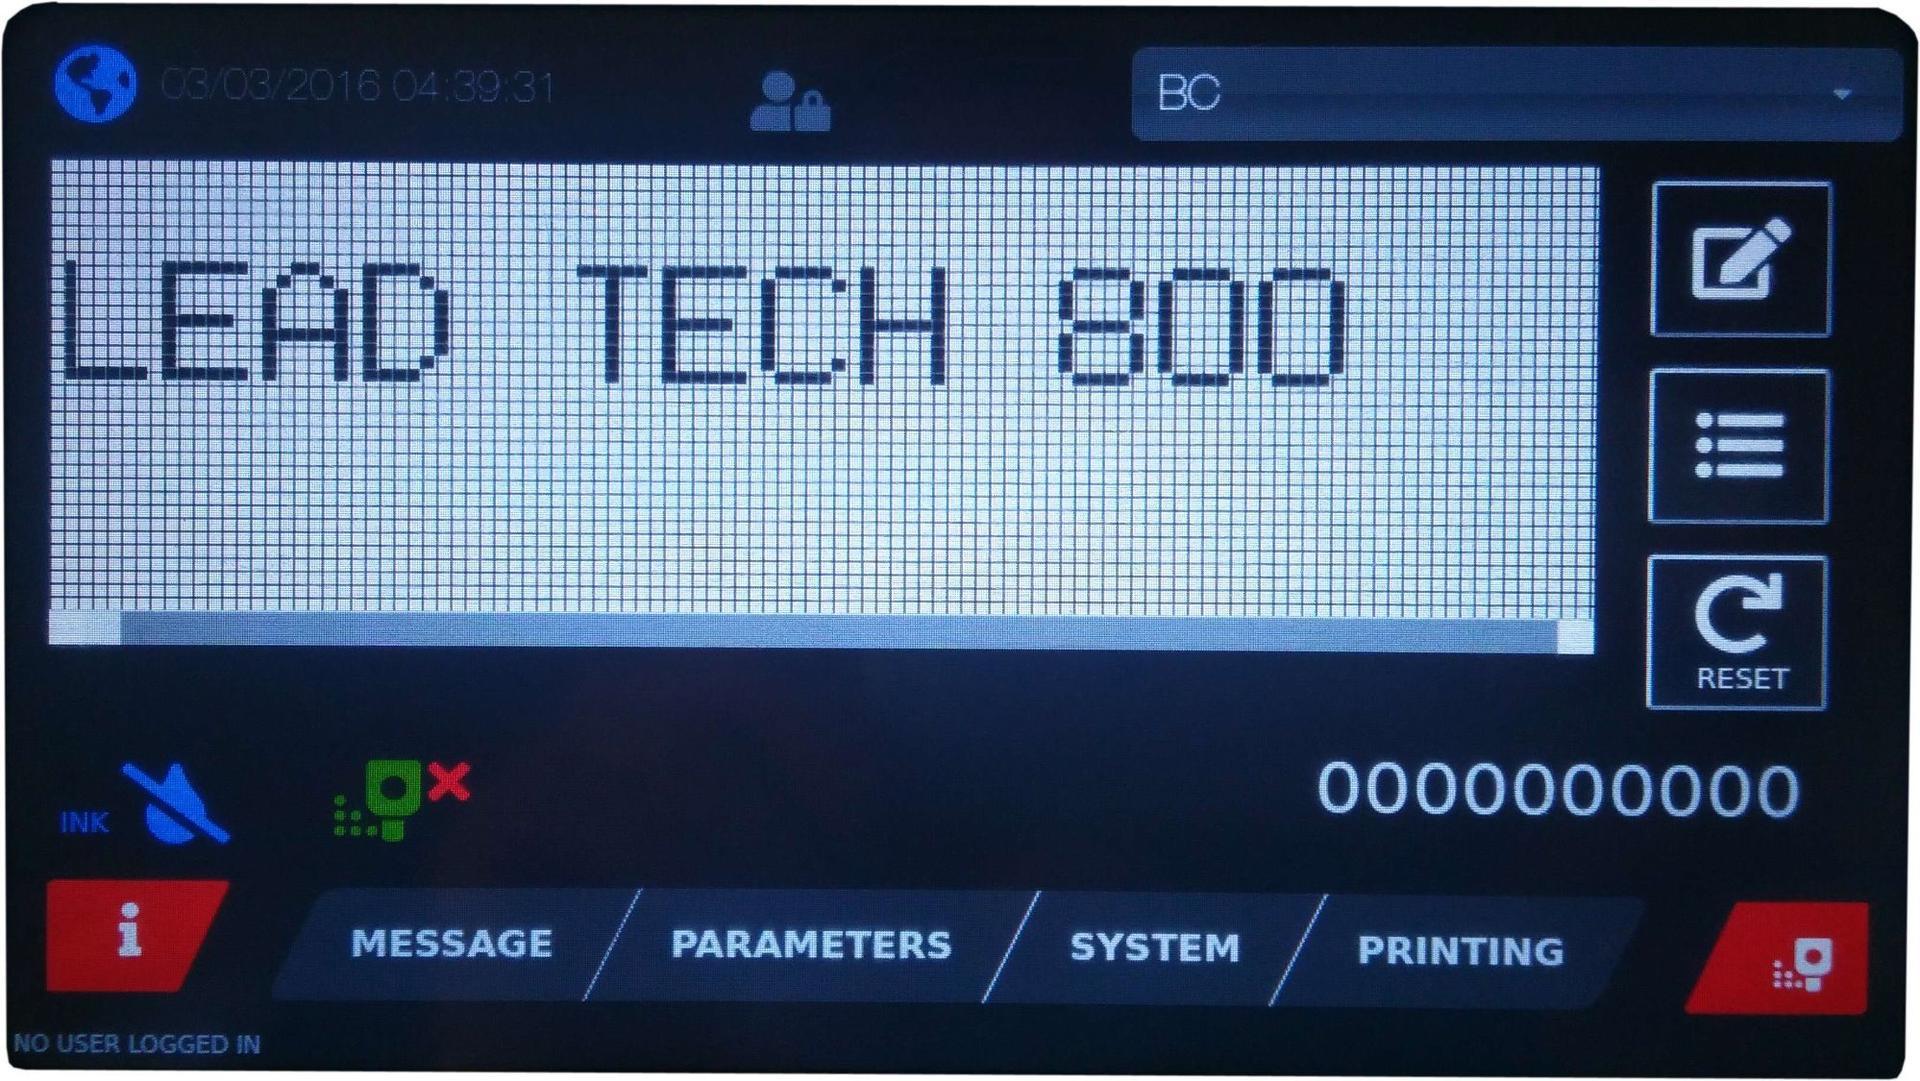 Lt800 Egg Inkjet Printer